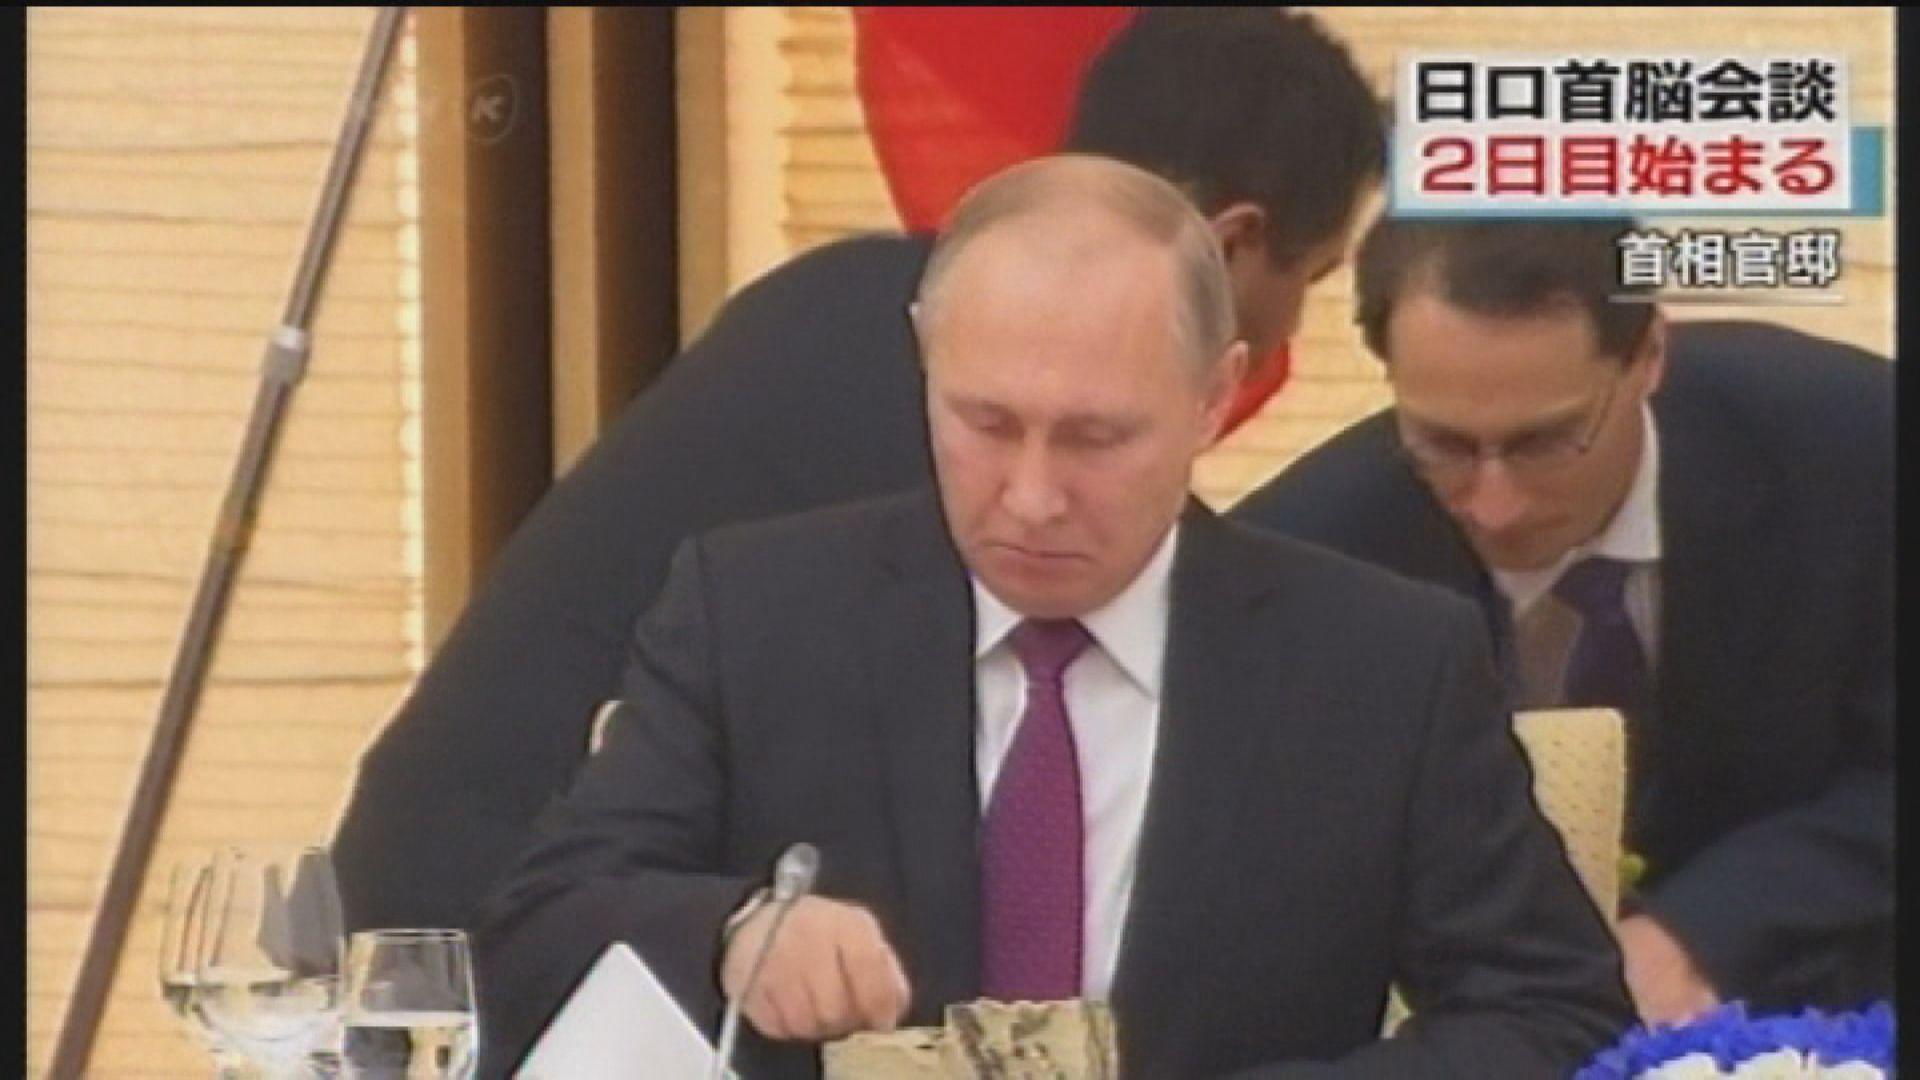 普京稱領土主權問題上無意向日本讓步讓步